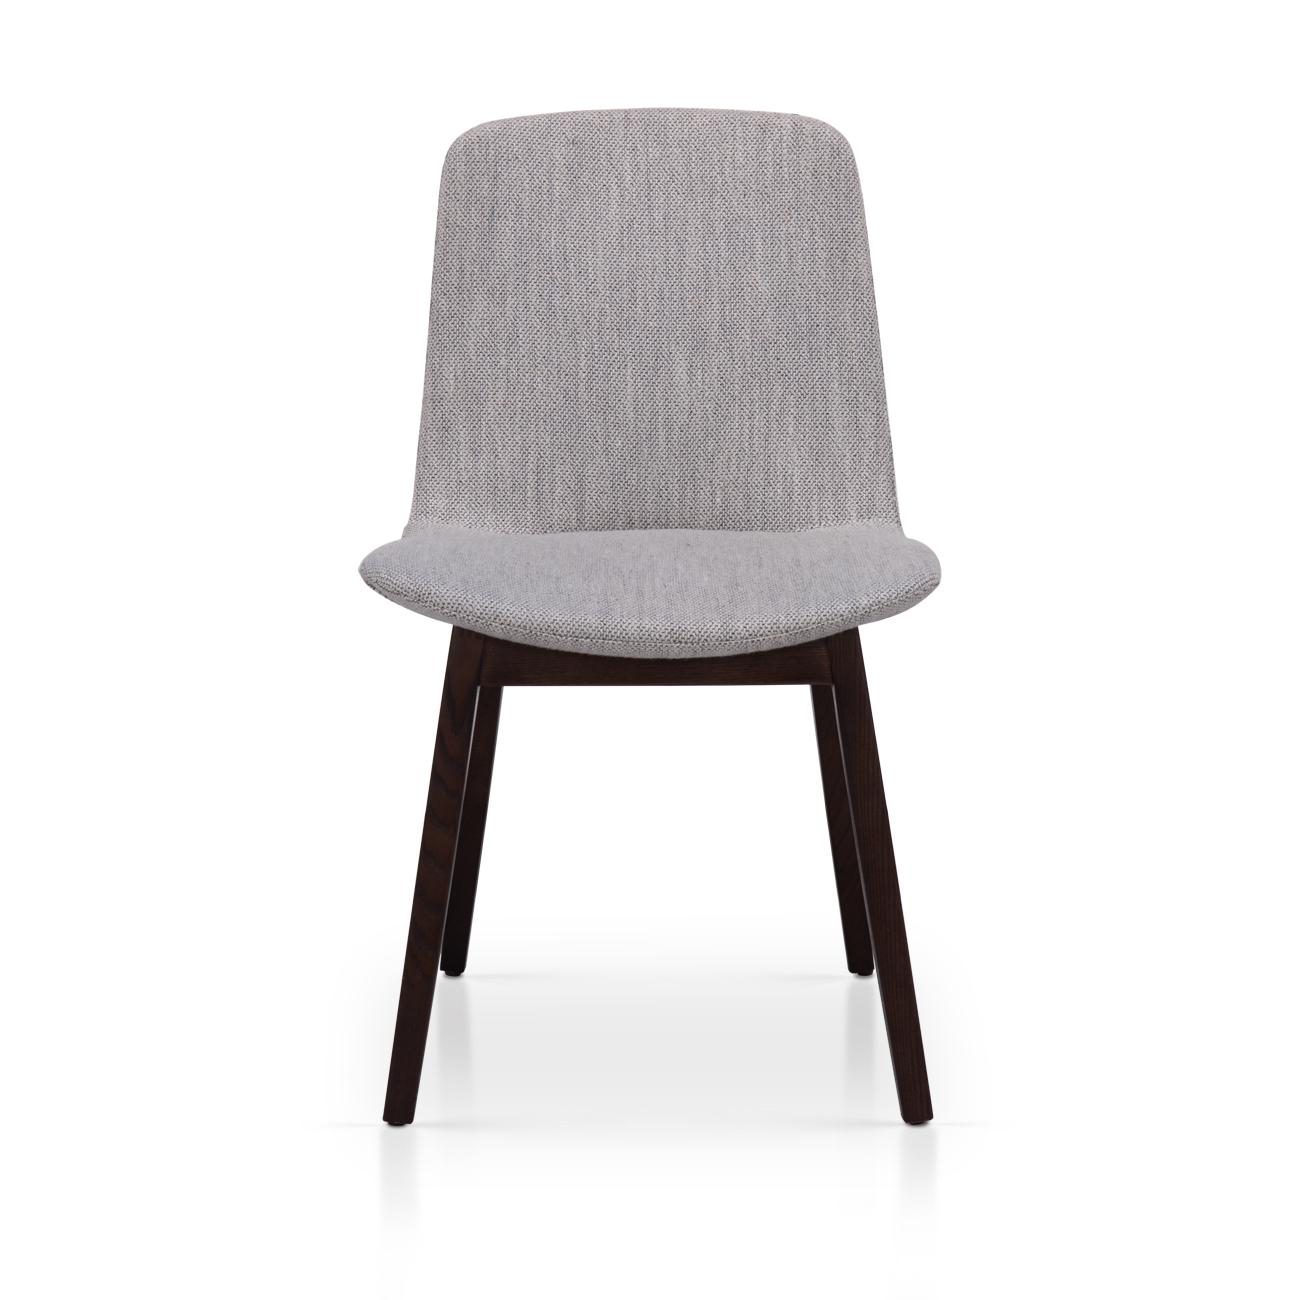 椅子  实木棉麻餐椅丨进口棉...